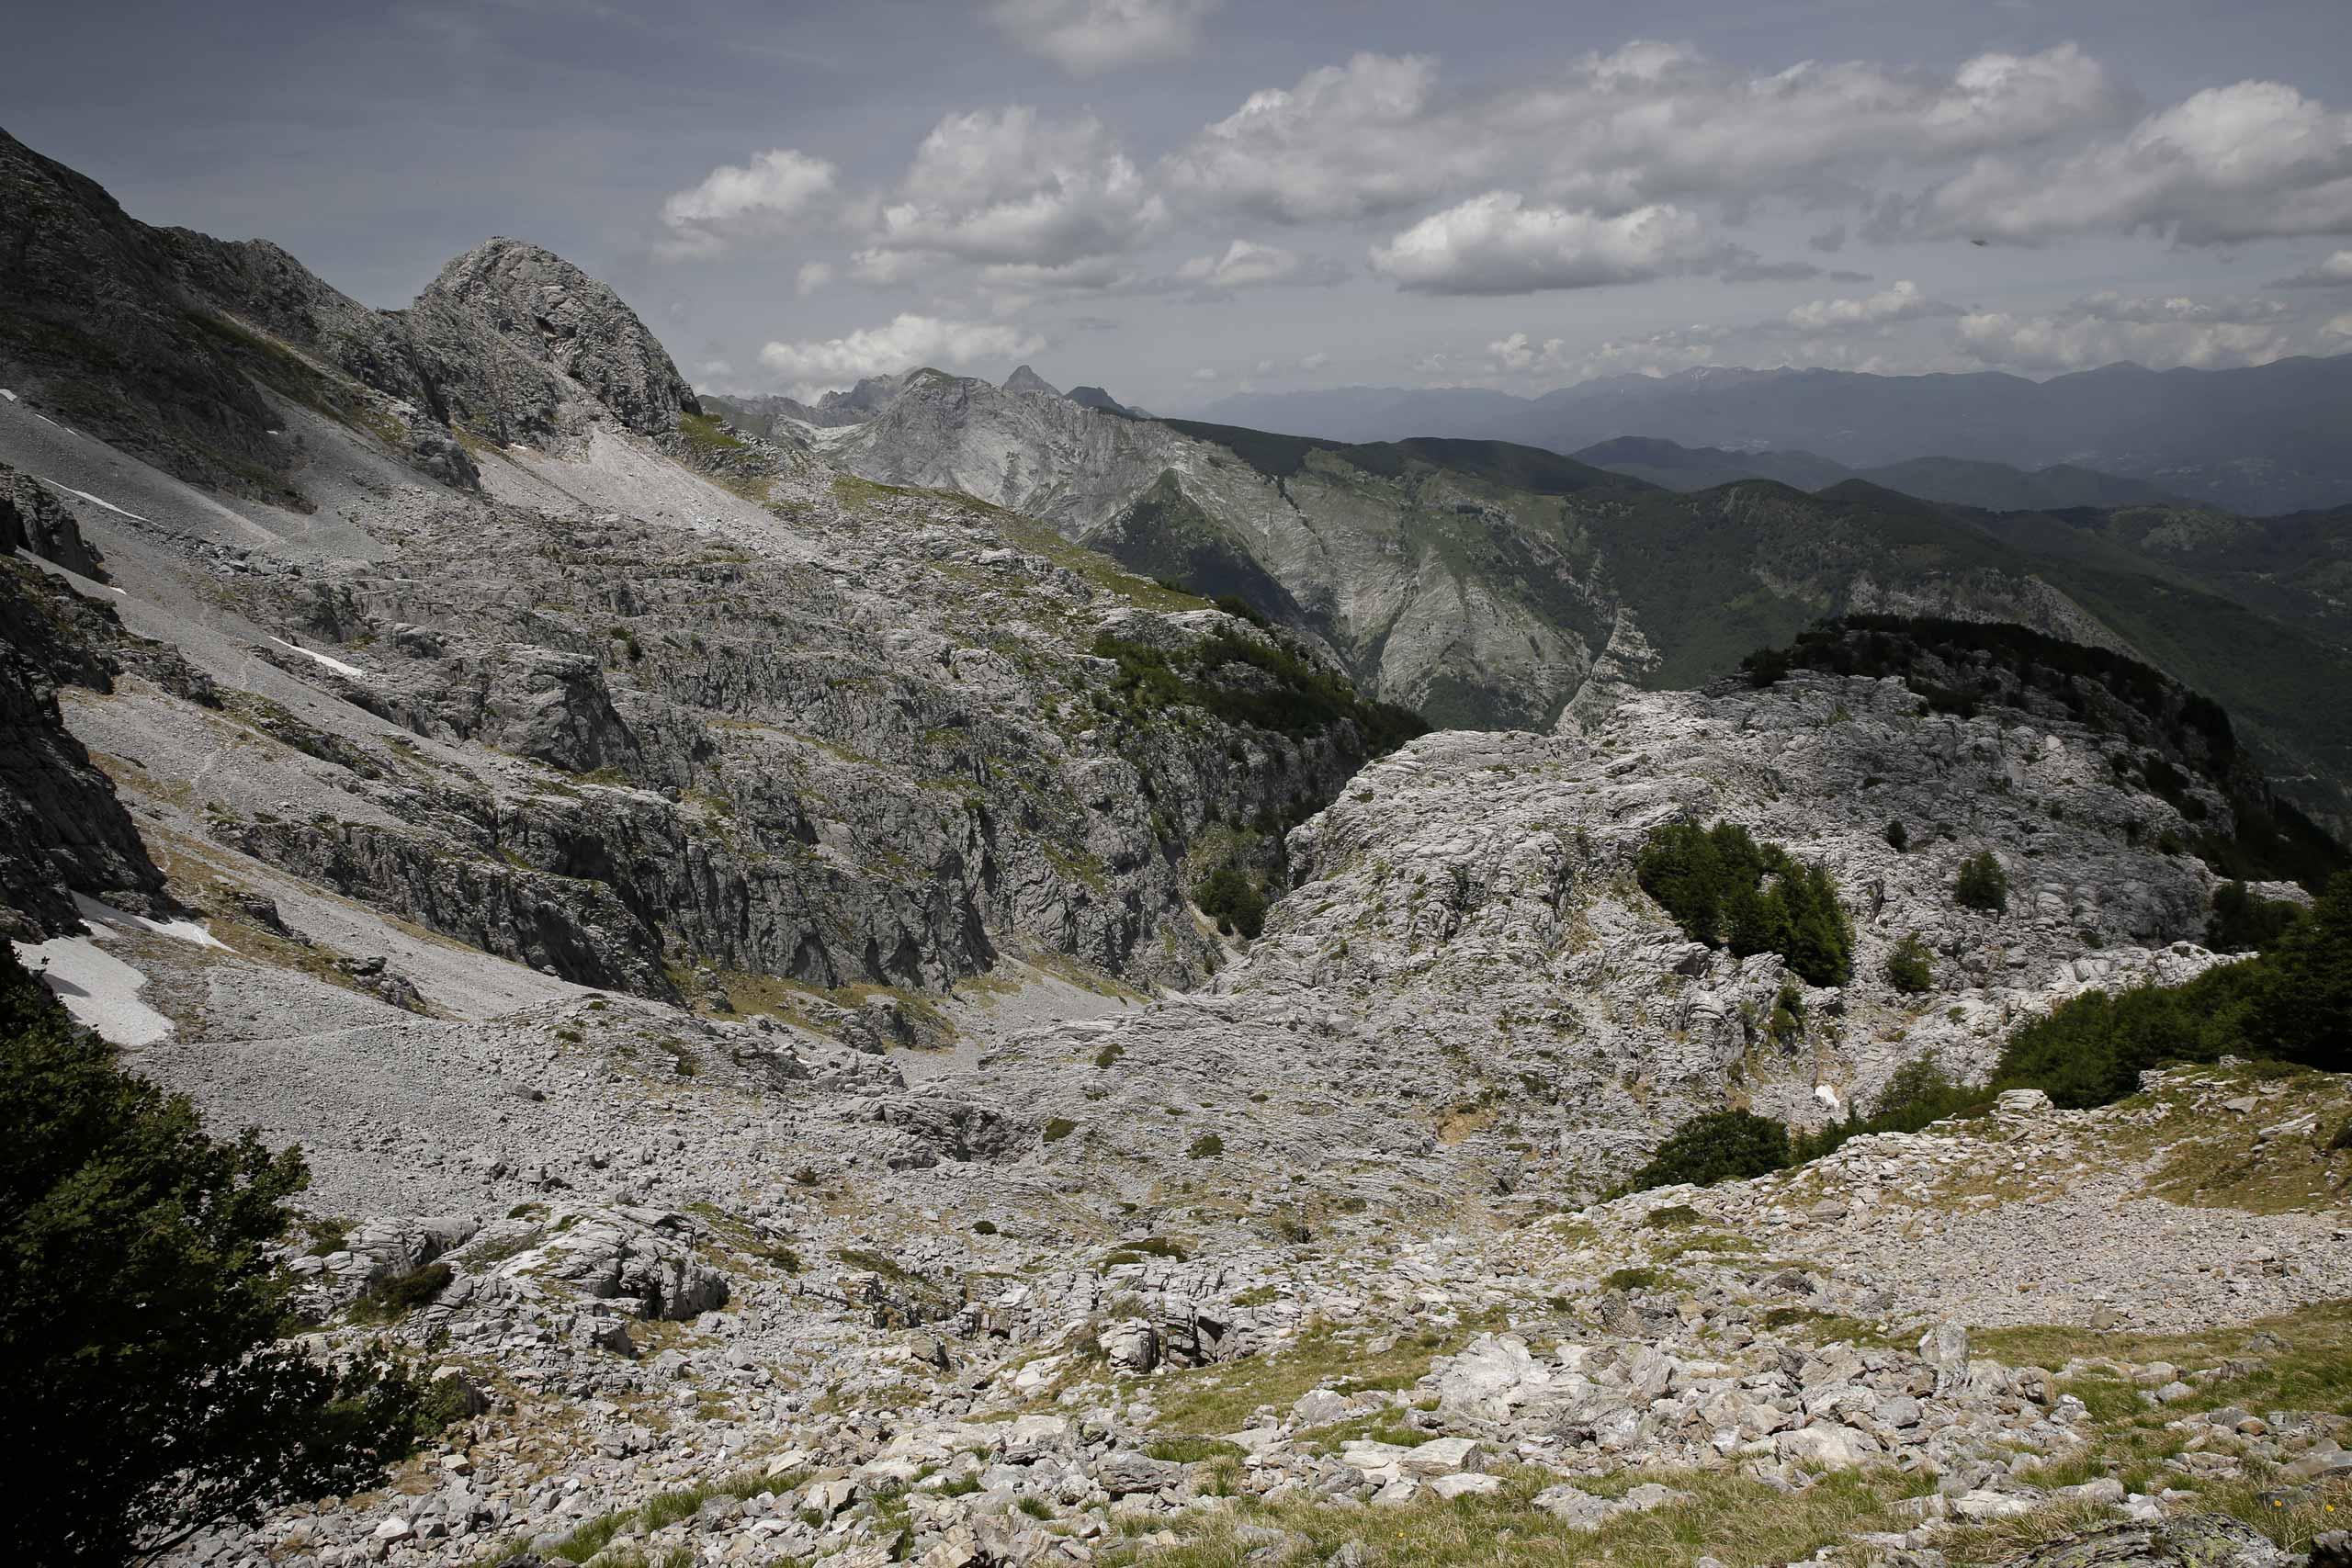 Siamo a Focetta del Puntone, davanti a noi la Borra Canala, orrido vallone compreso tra la Pianizza, sotto la vetta del Pizzo delle Saette e l'altopiano carsico della Vetricia.